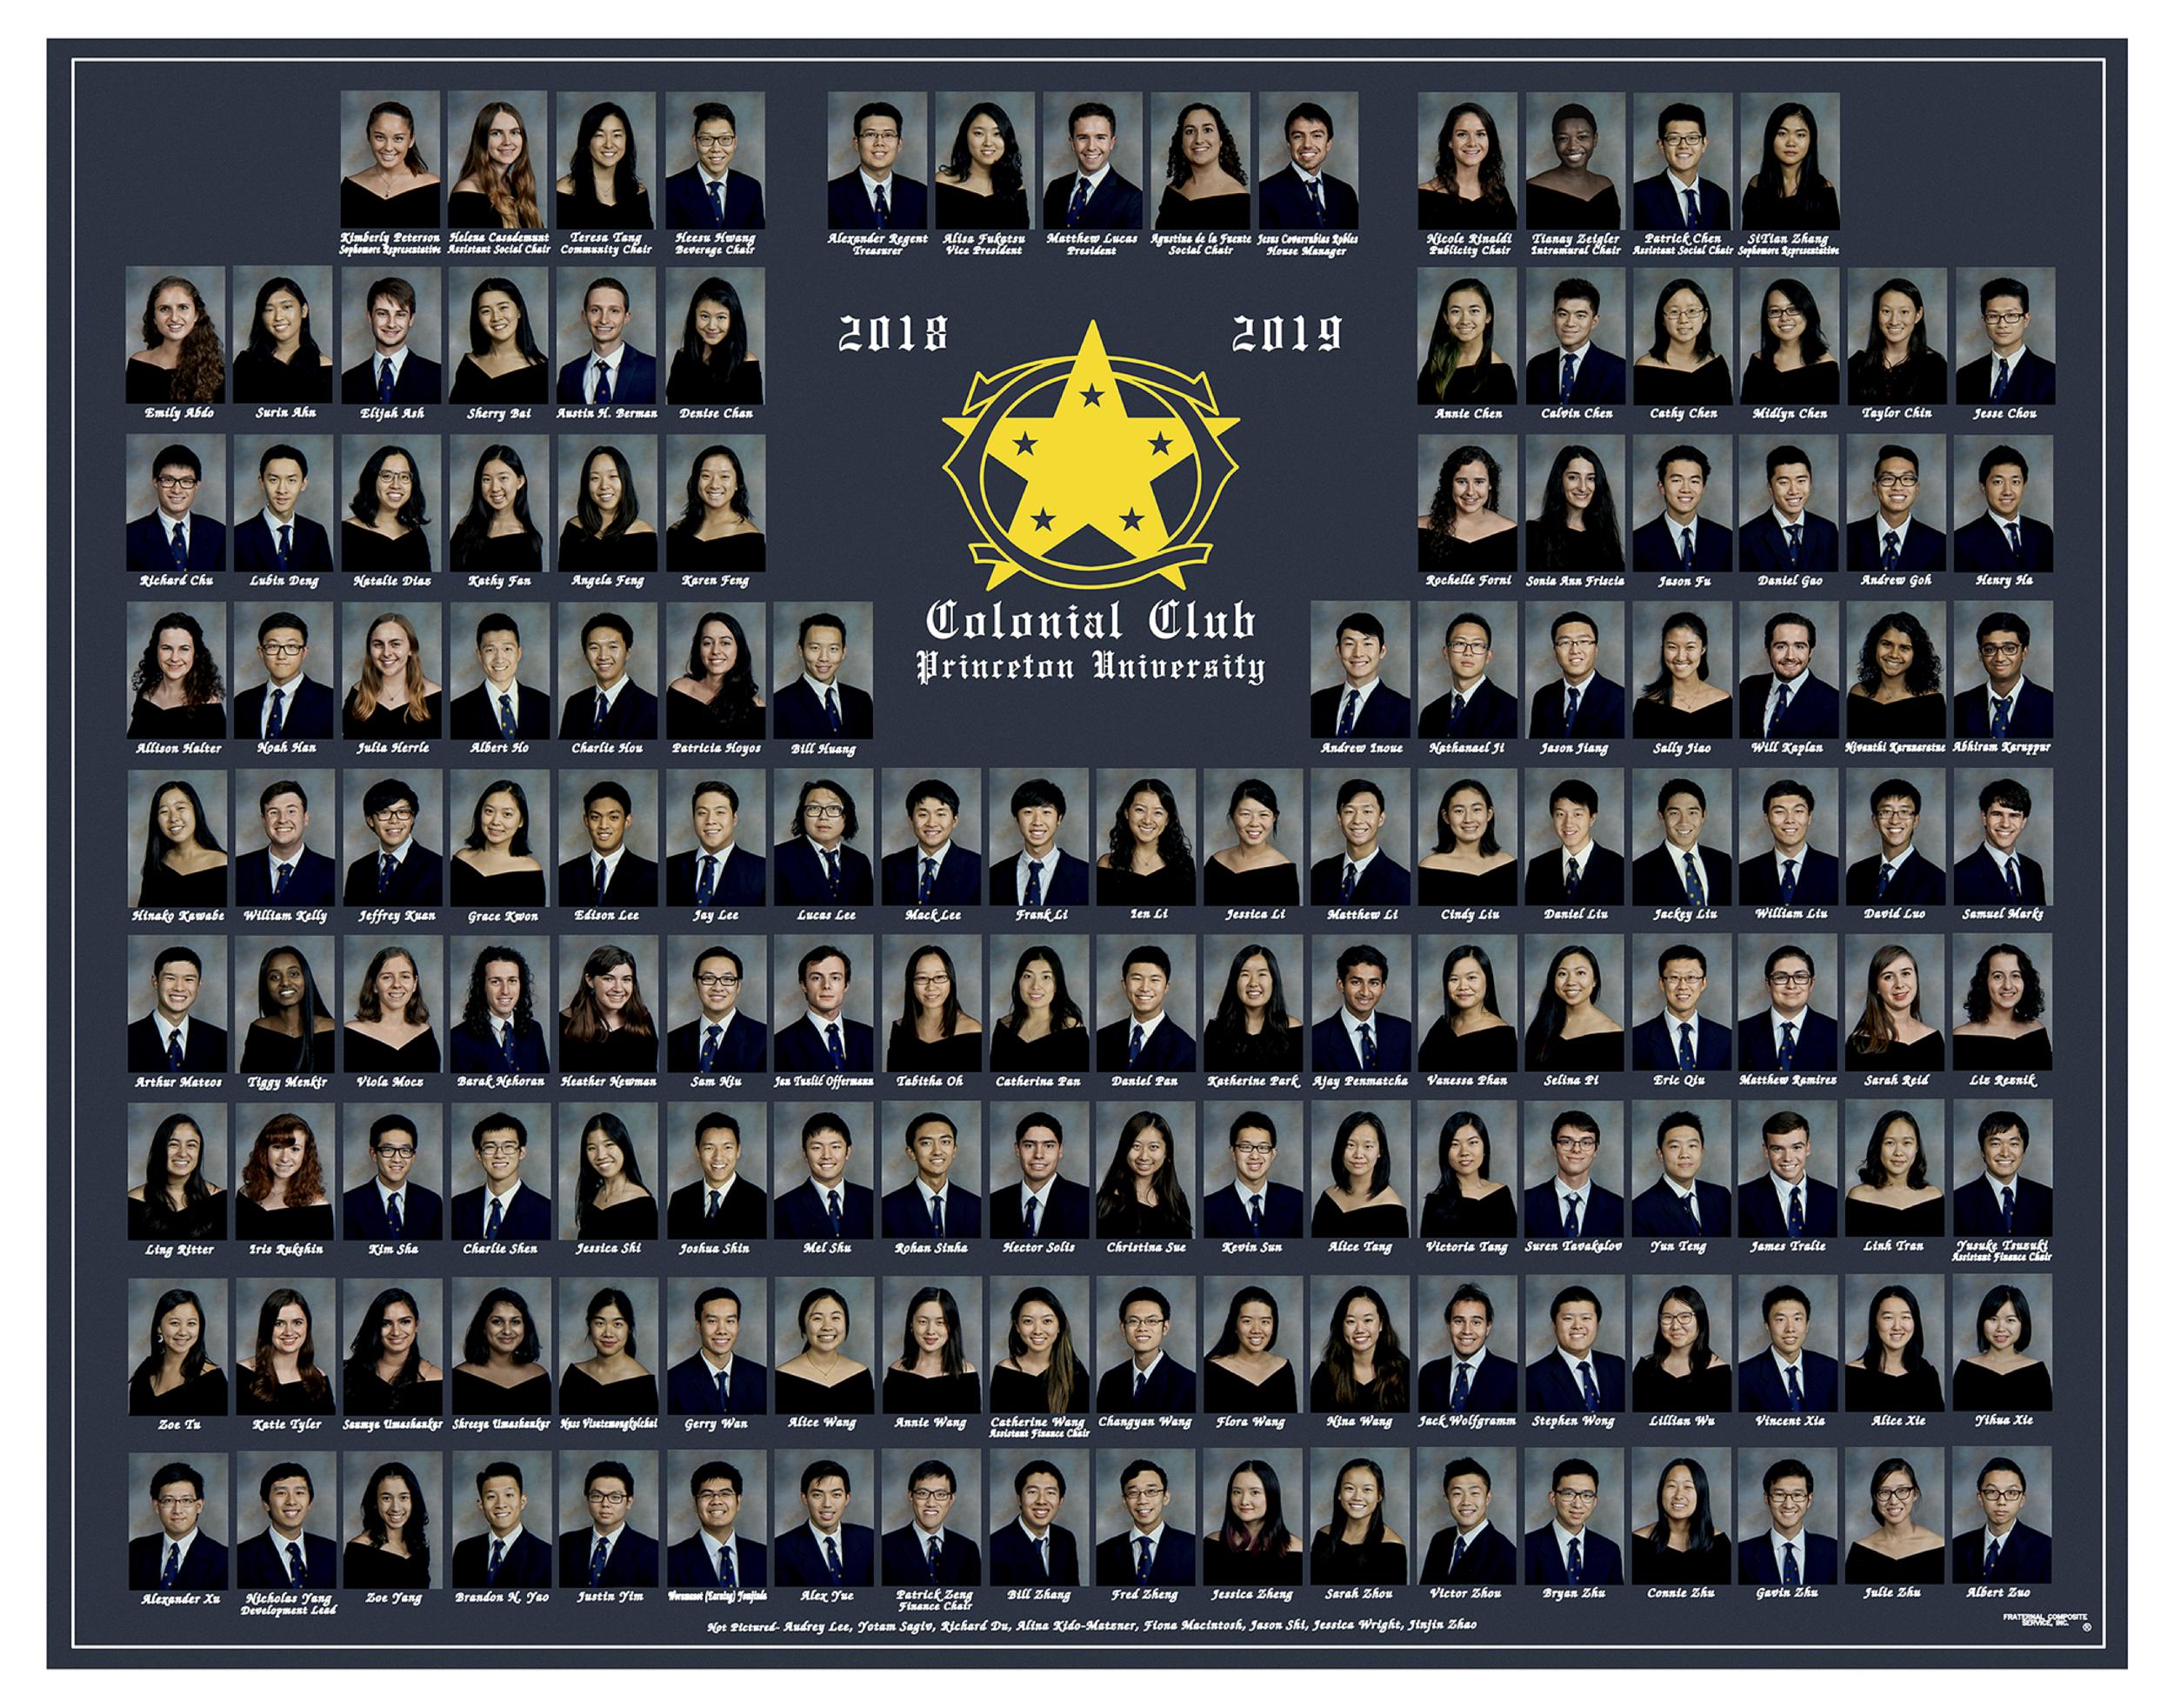 Princeton U - Colonial Club - 2018.png